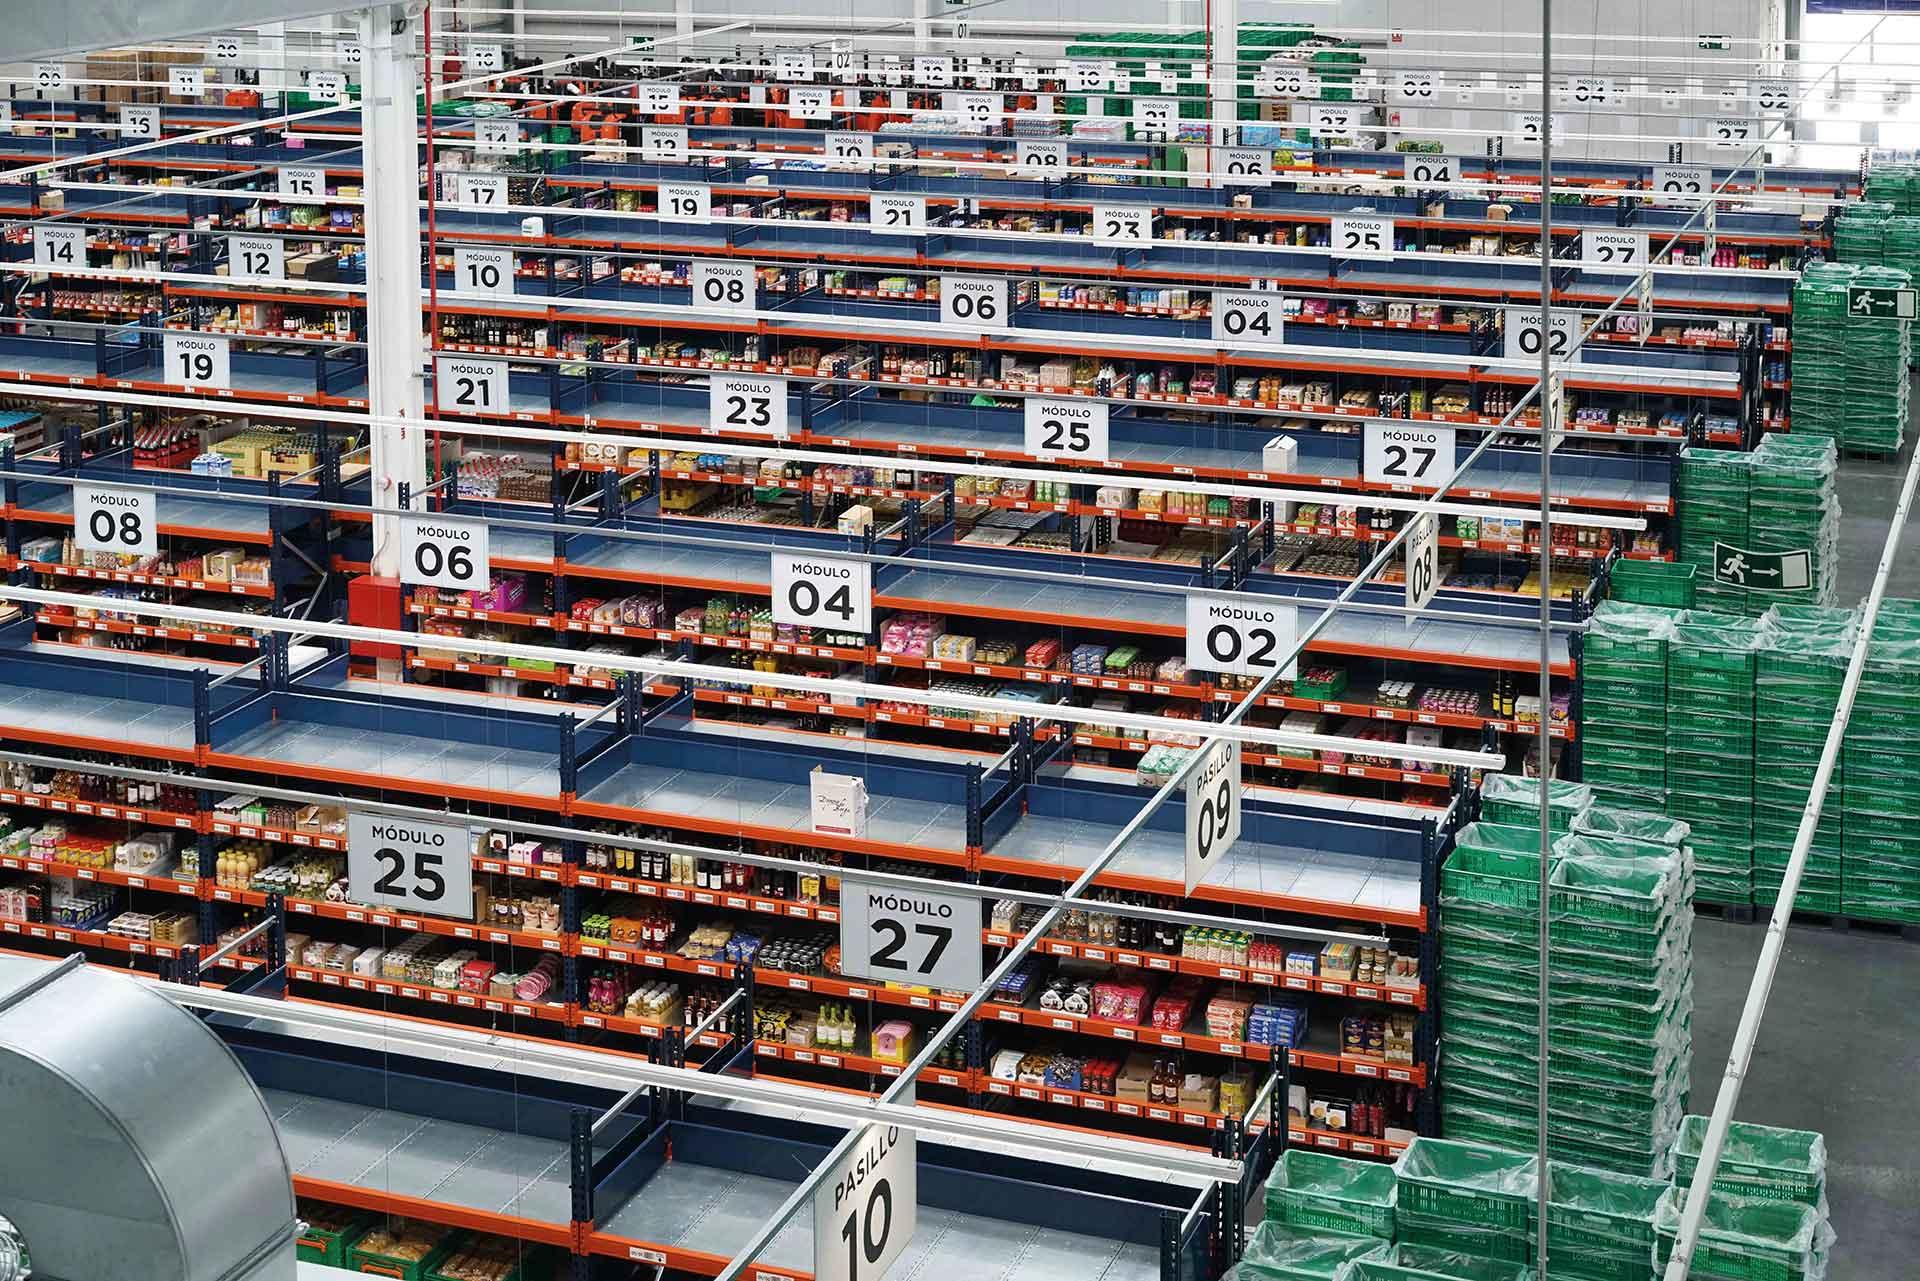 Compañías como Carrefour, Amazon o Mercadona ya han abrazado esta tendencia logística